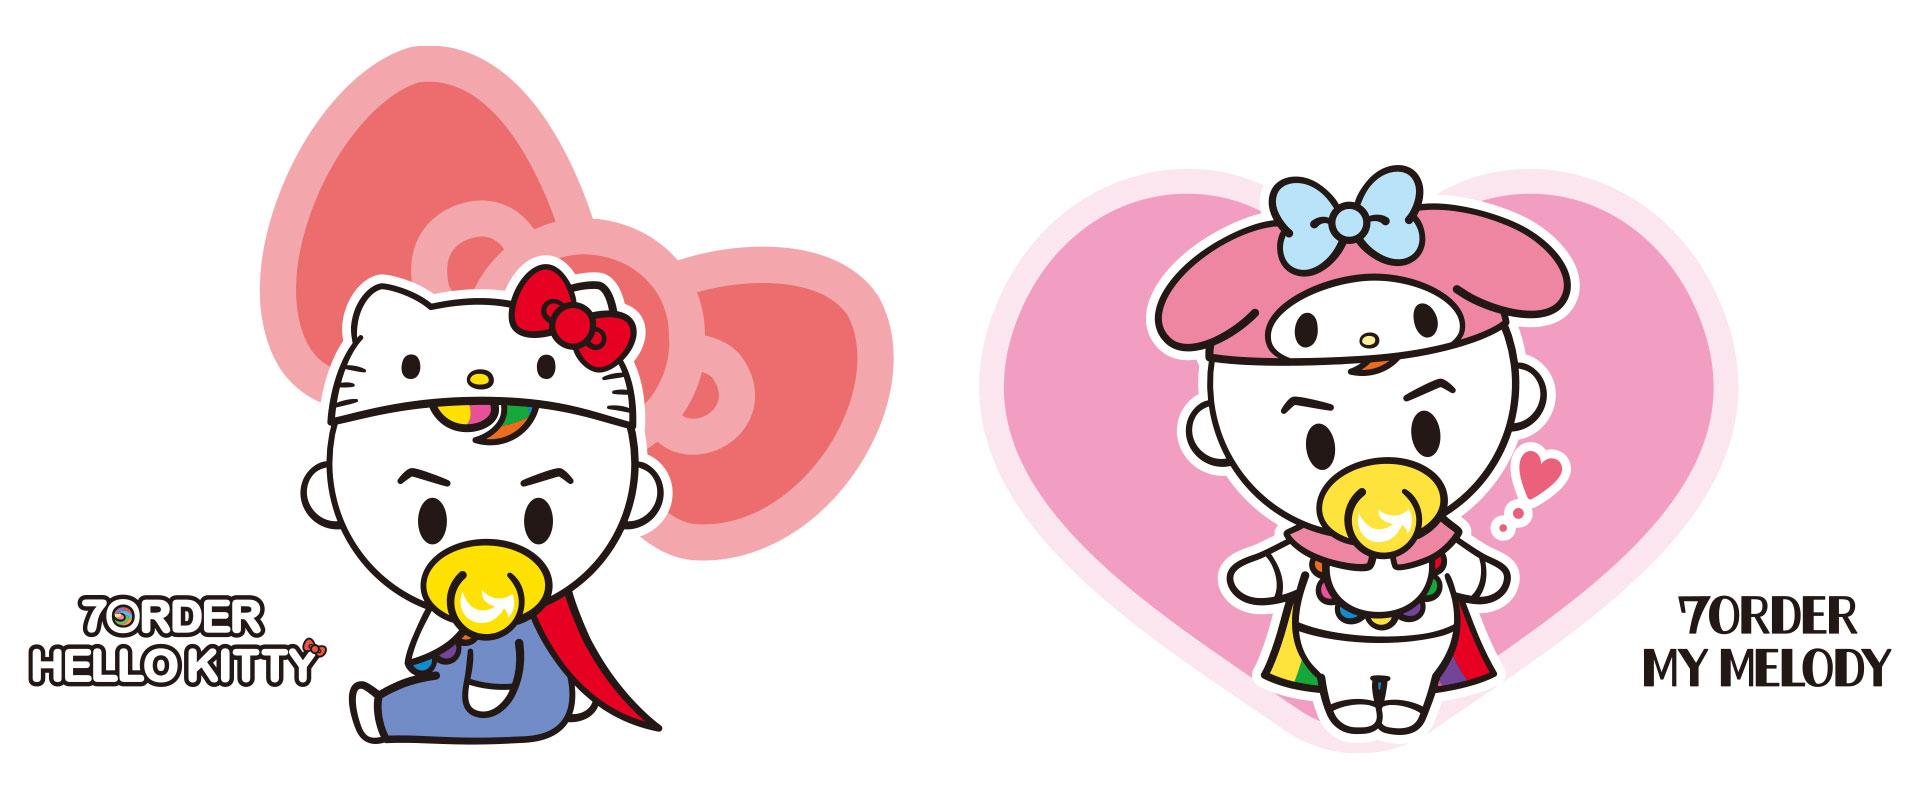 ハローキティ×foxy illustrations